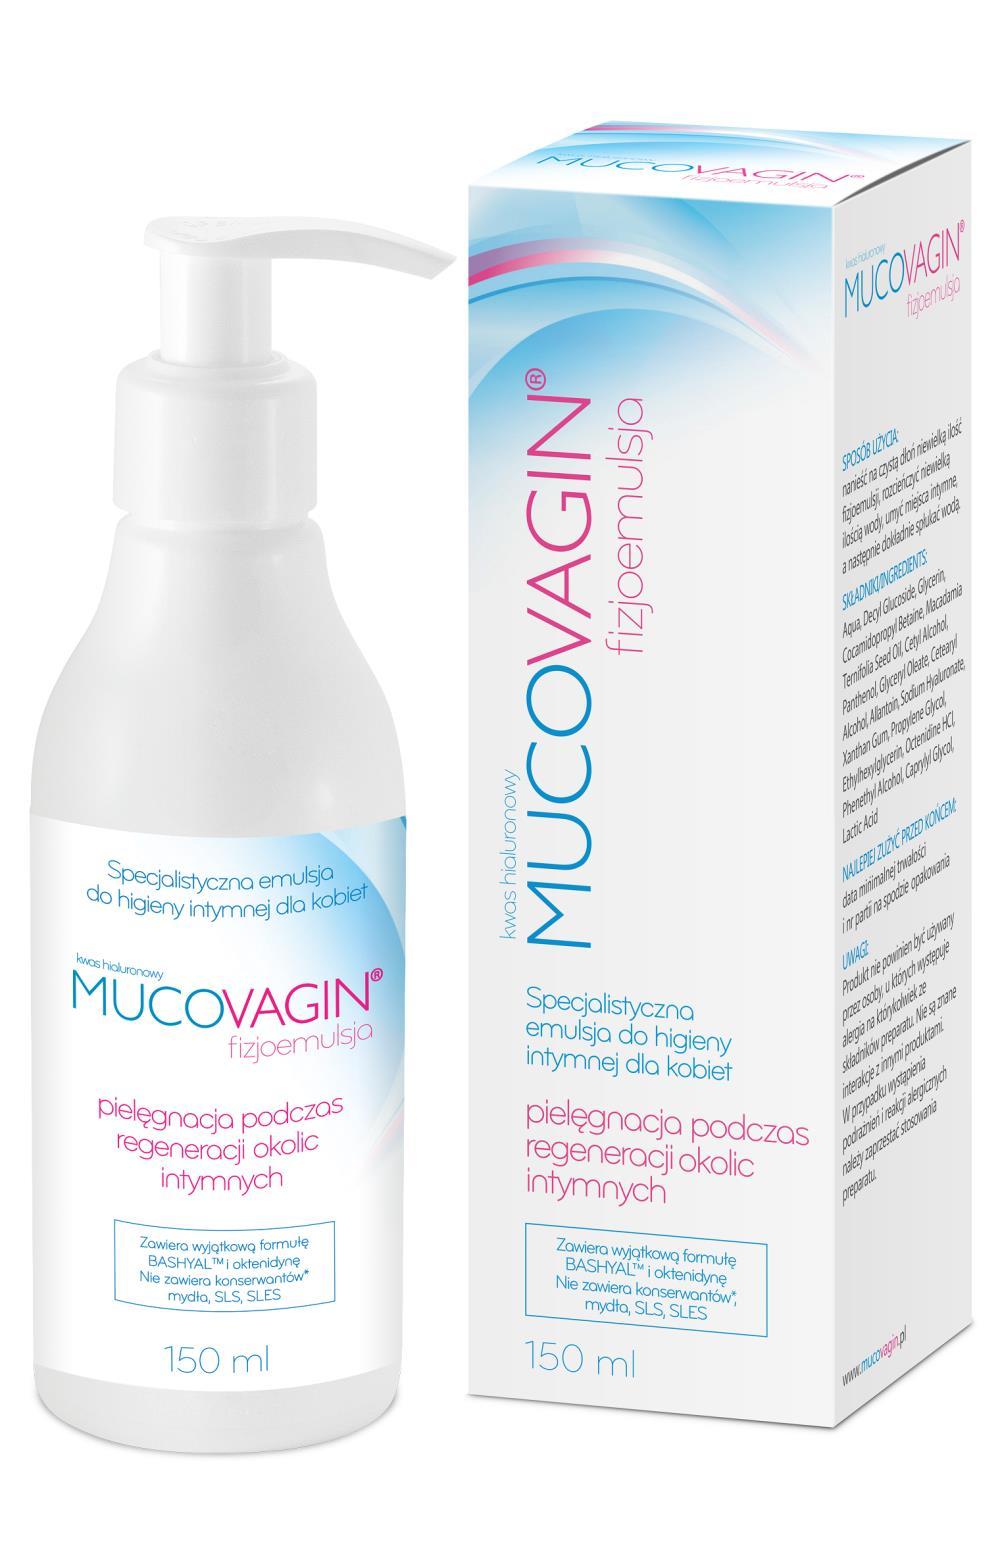 Mucovagin fizjoemulsja do higieny intymnej dla kobiet